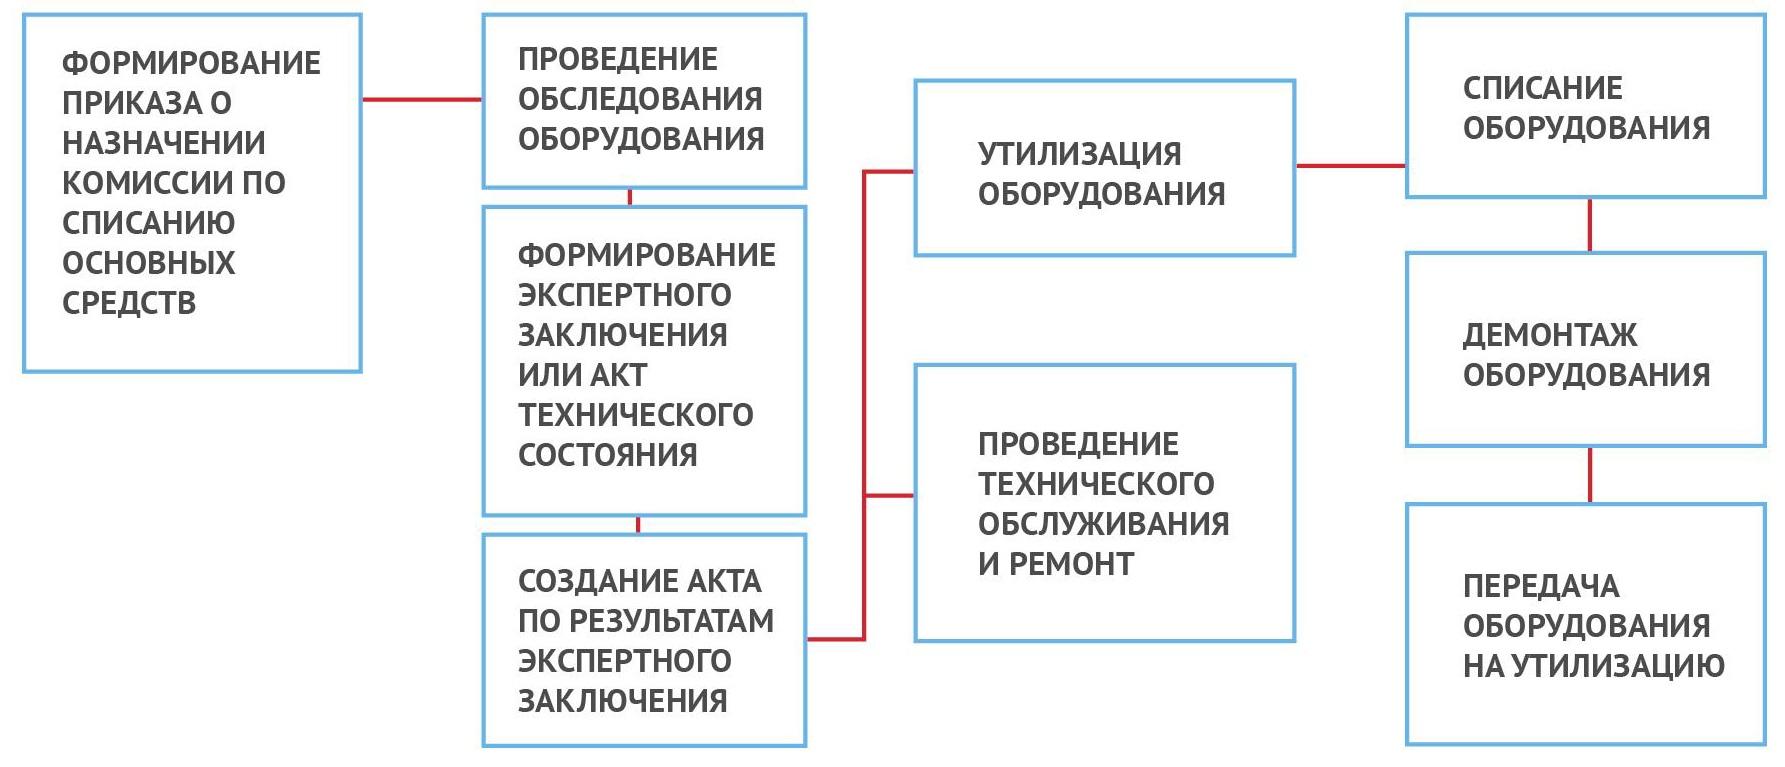 Порядок действий по выводу оборудования детской площадки из эксплуатации